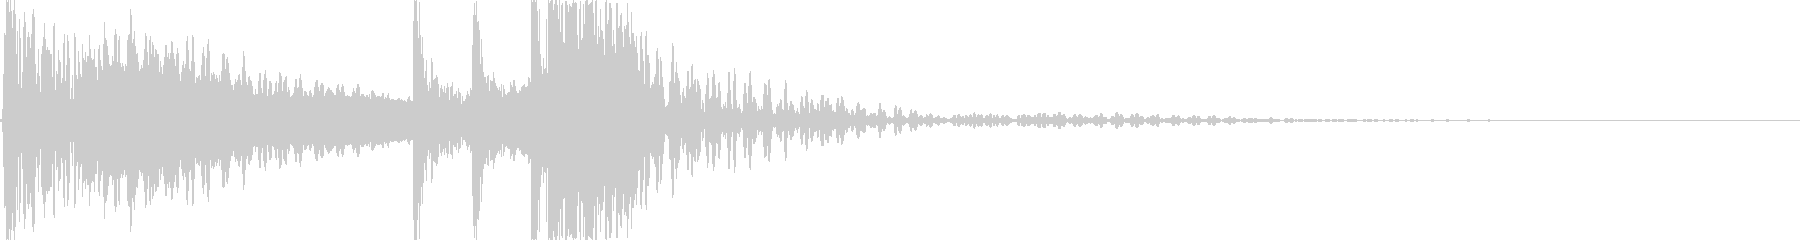 「ヒーィ・カカドン」の未再生の波形